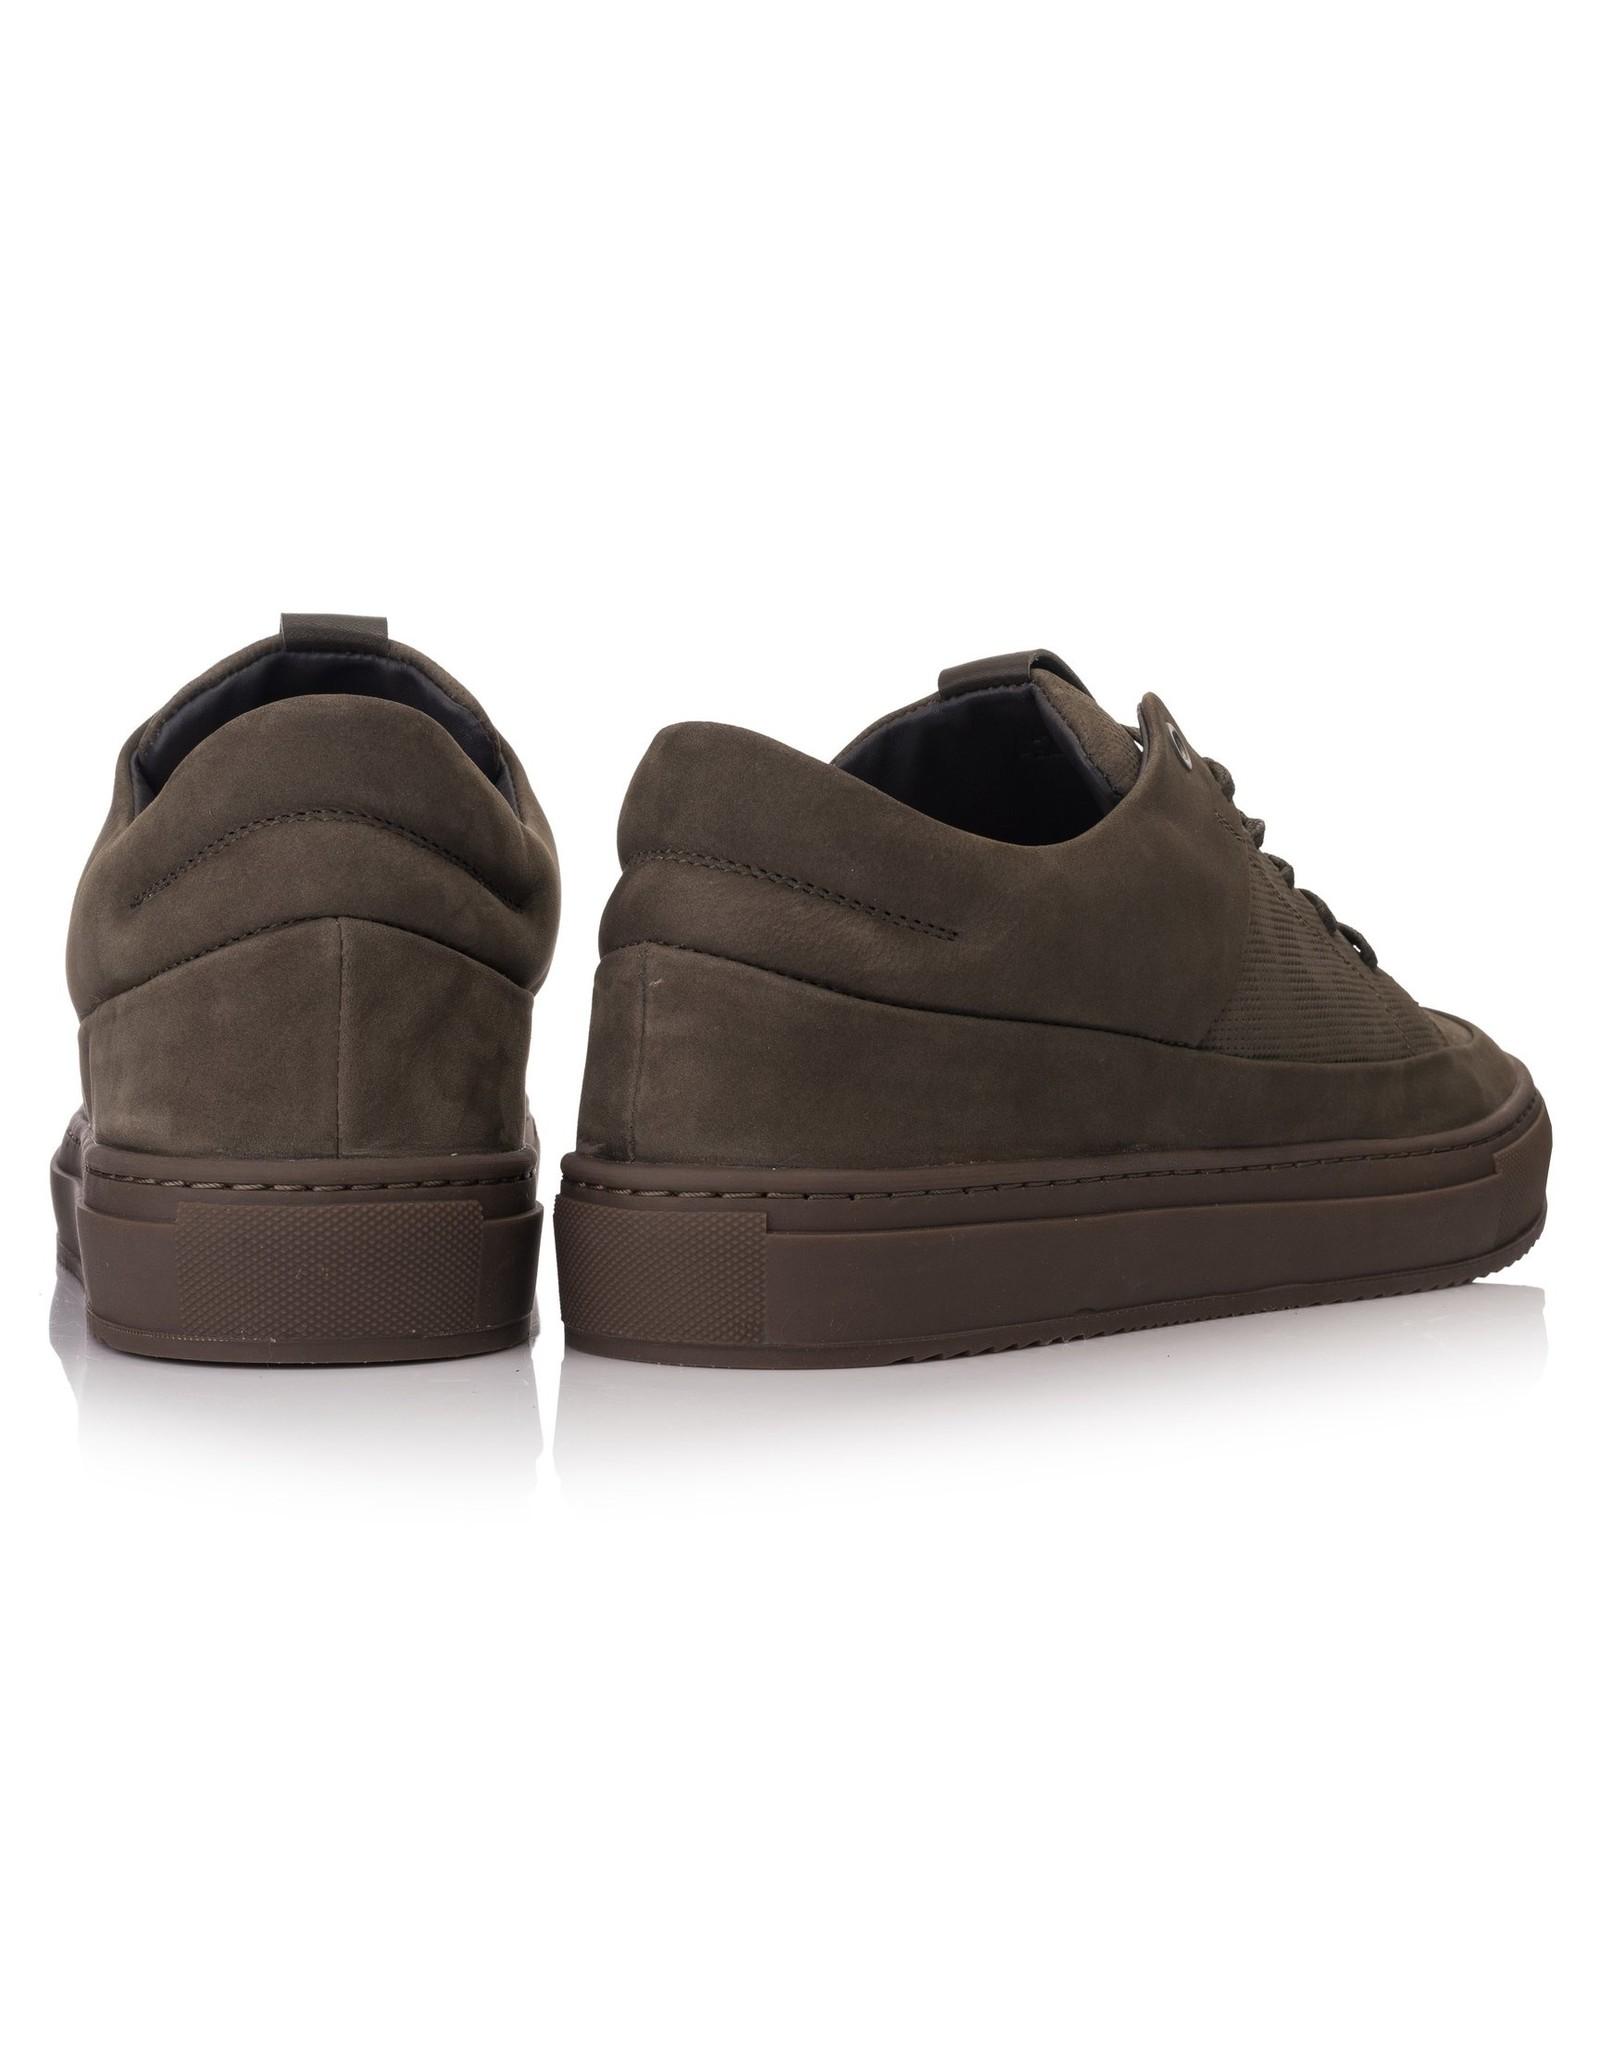 Hinson Sneaker olijf groen-zool olijf groen